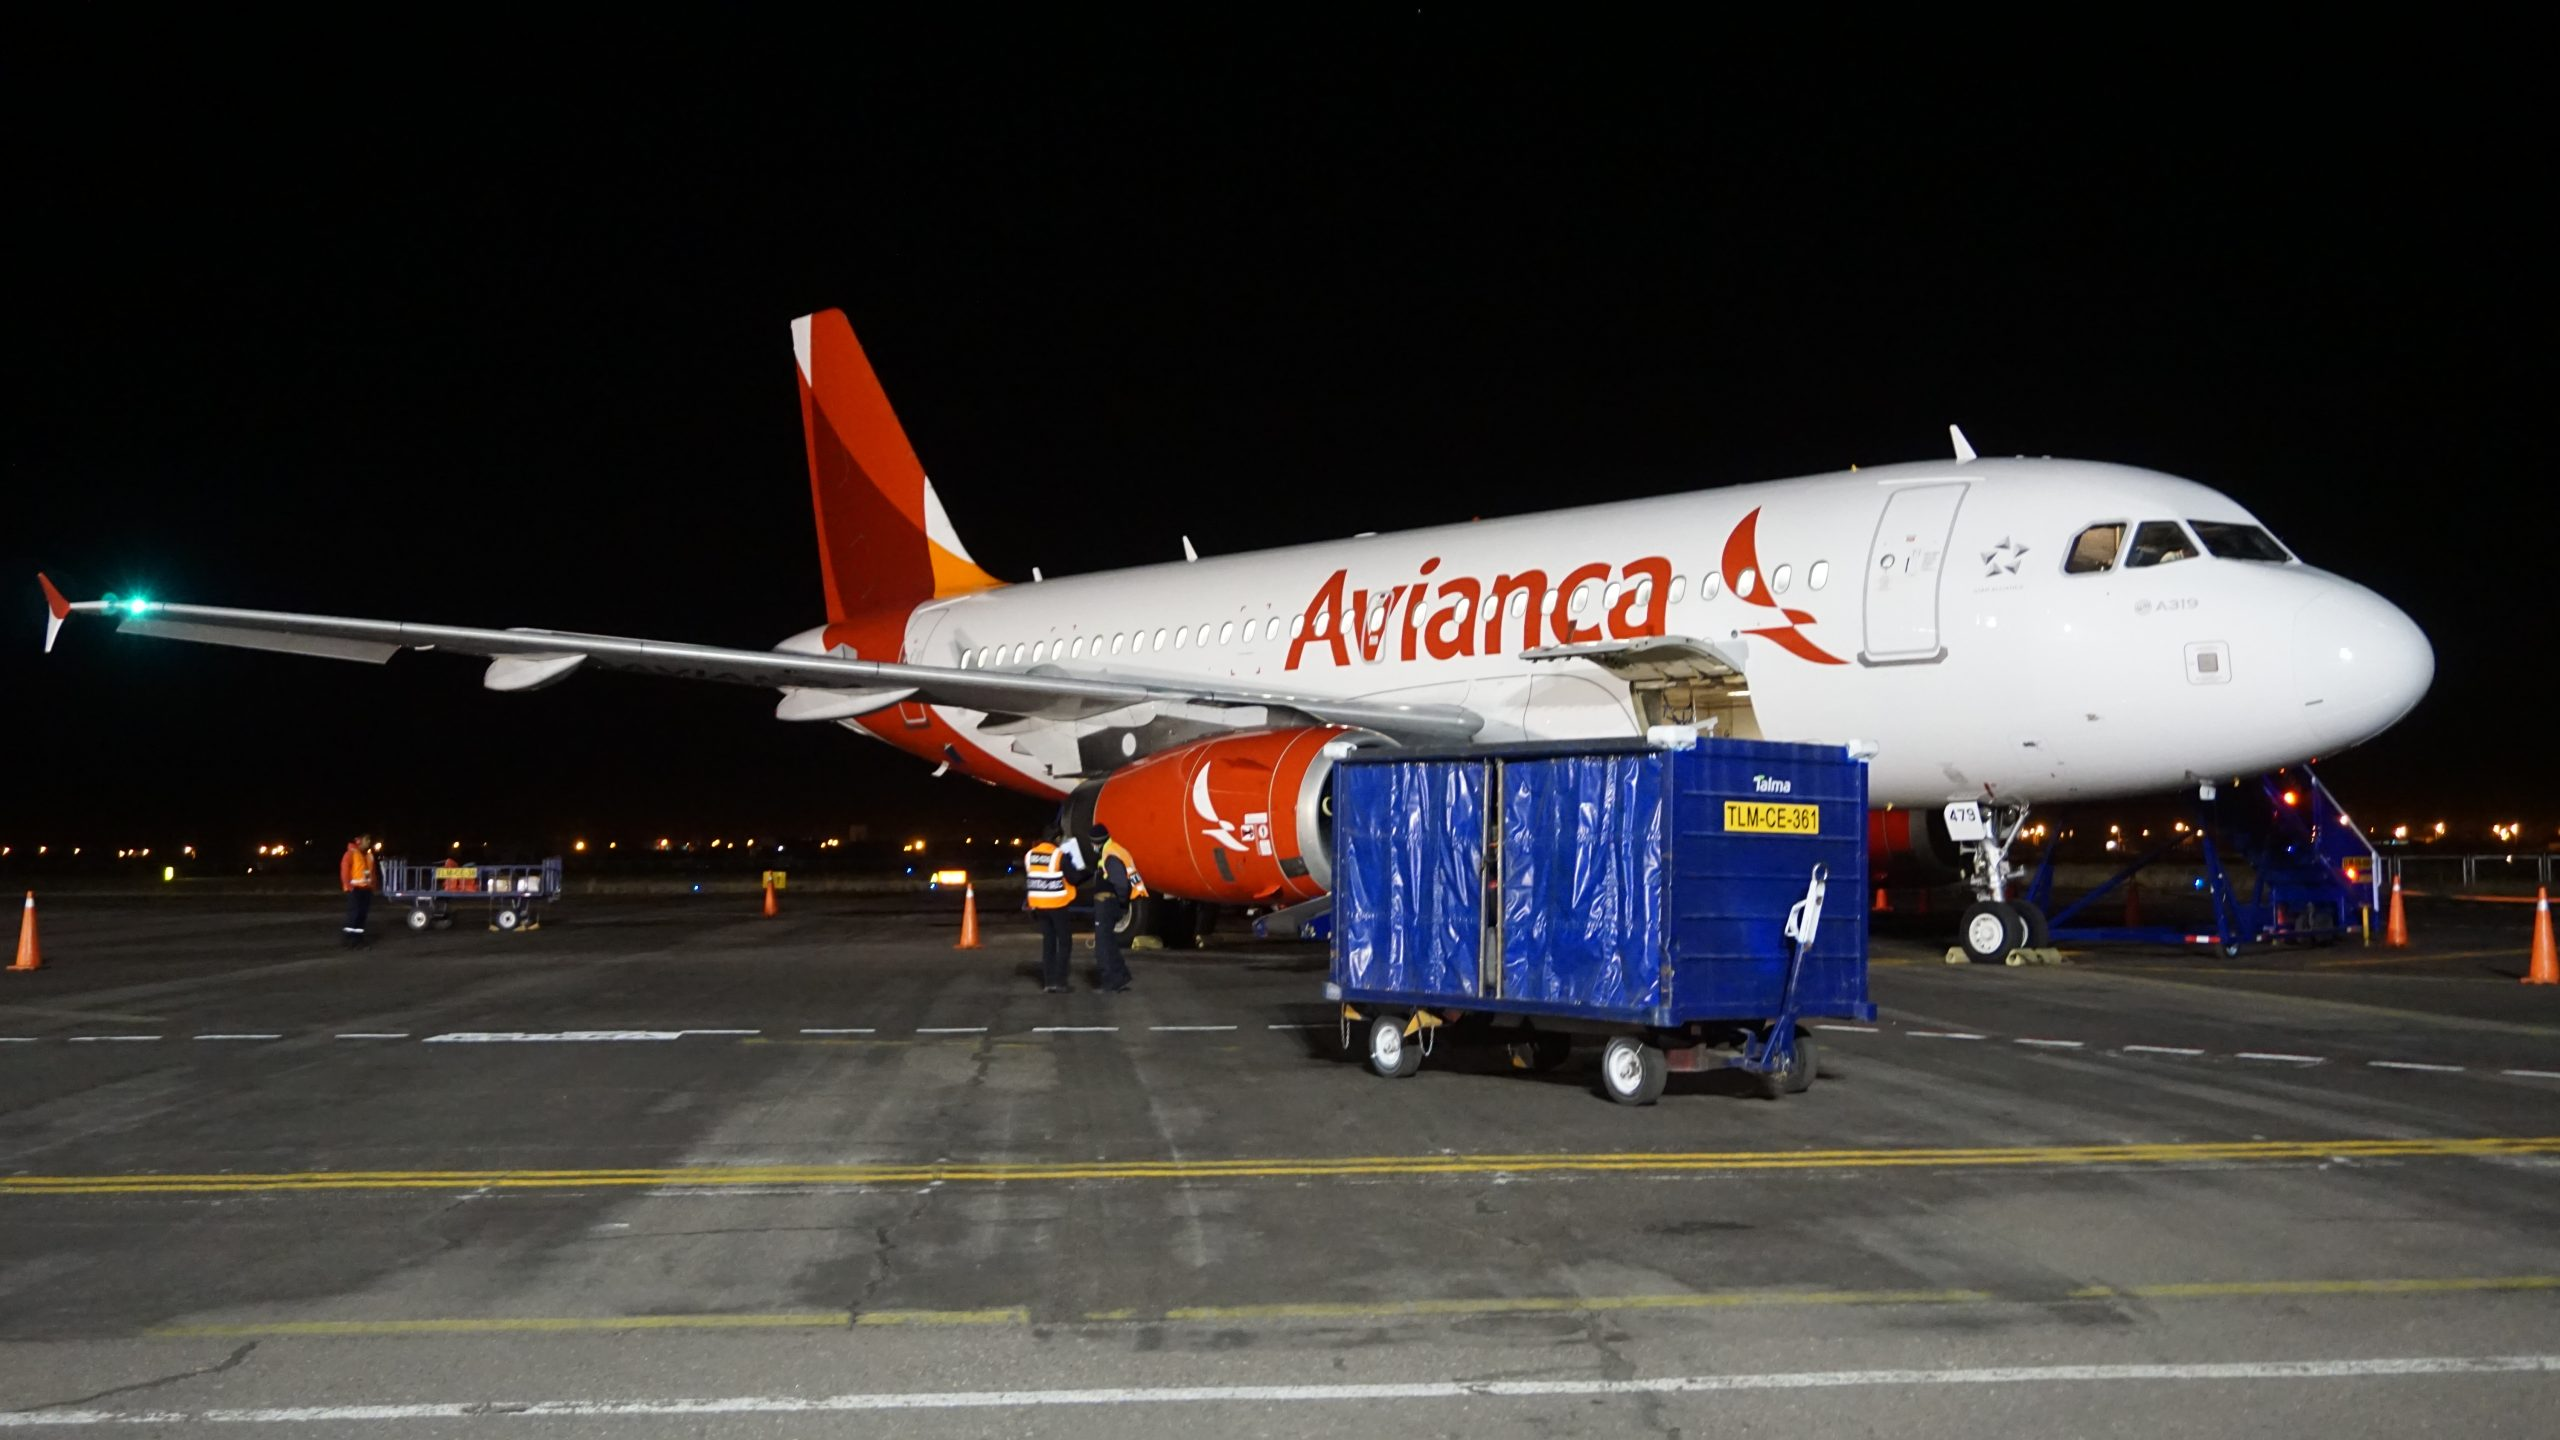 飛行紀錄 2016/7/30 JUL-LIM Avianca A319 Business Class商務艙